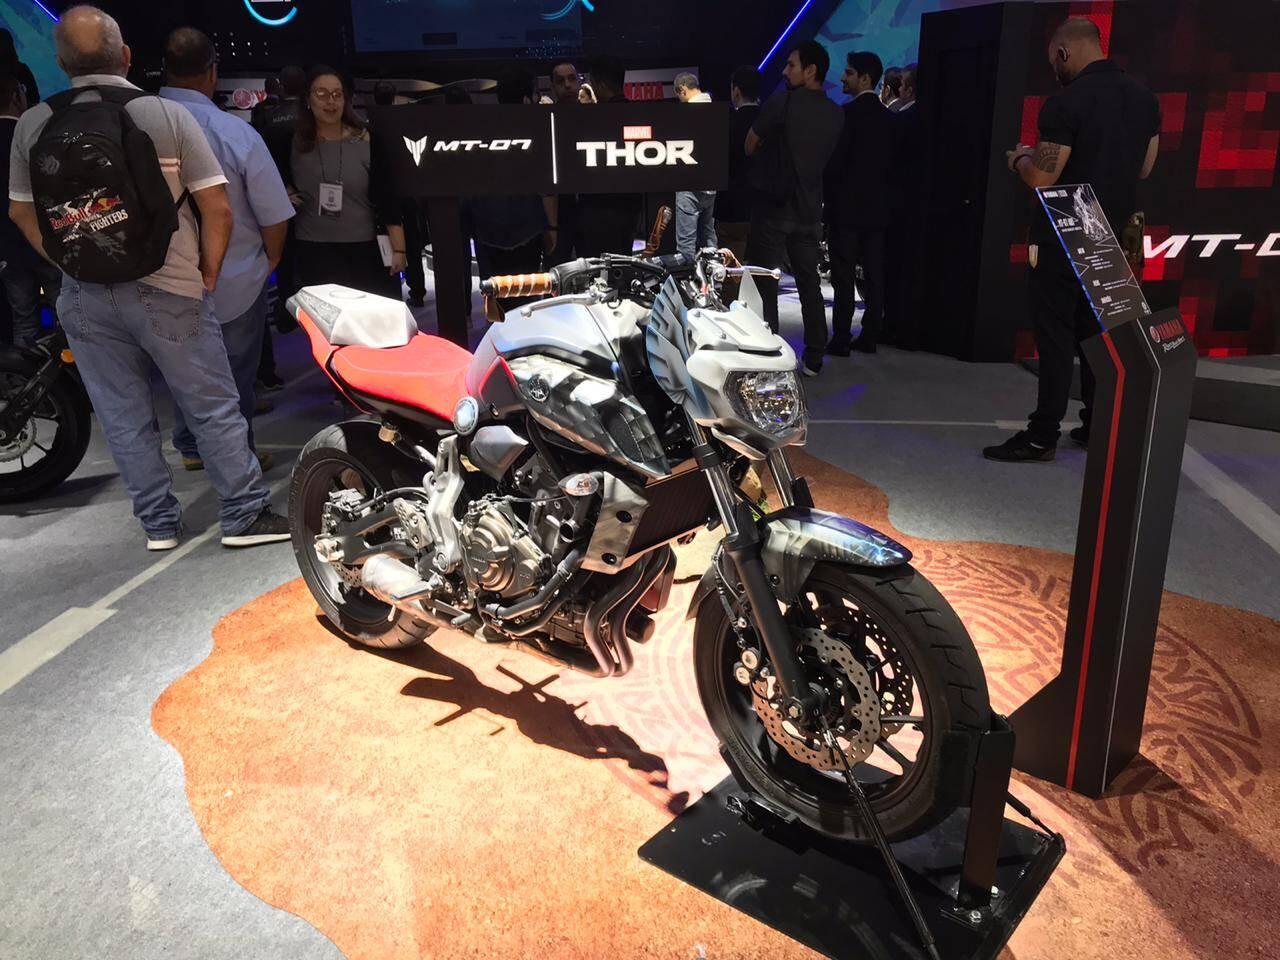 """Yamaha MT 07 """"Thor"""". Foto: Guilherme Menezes/iG"""